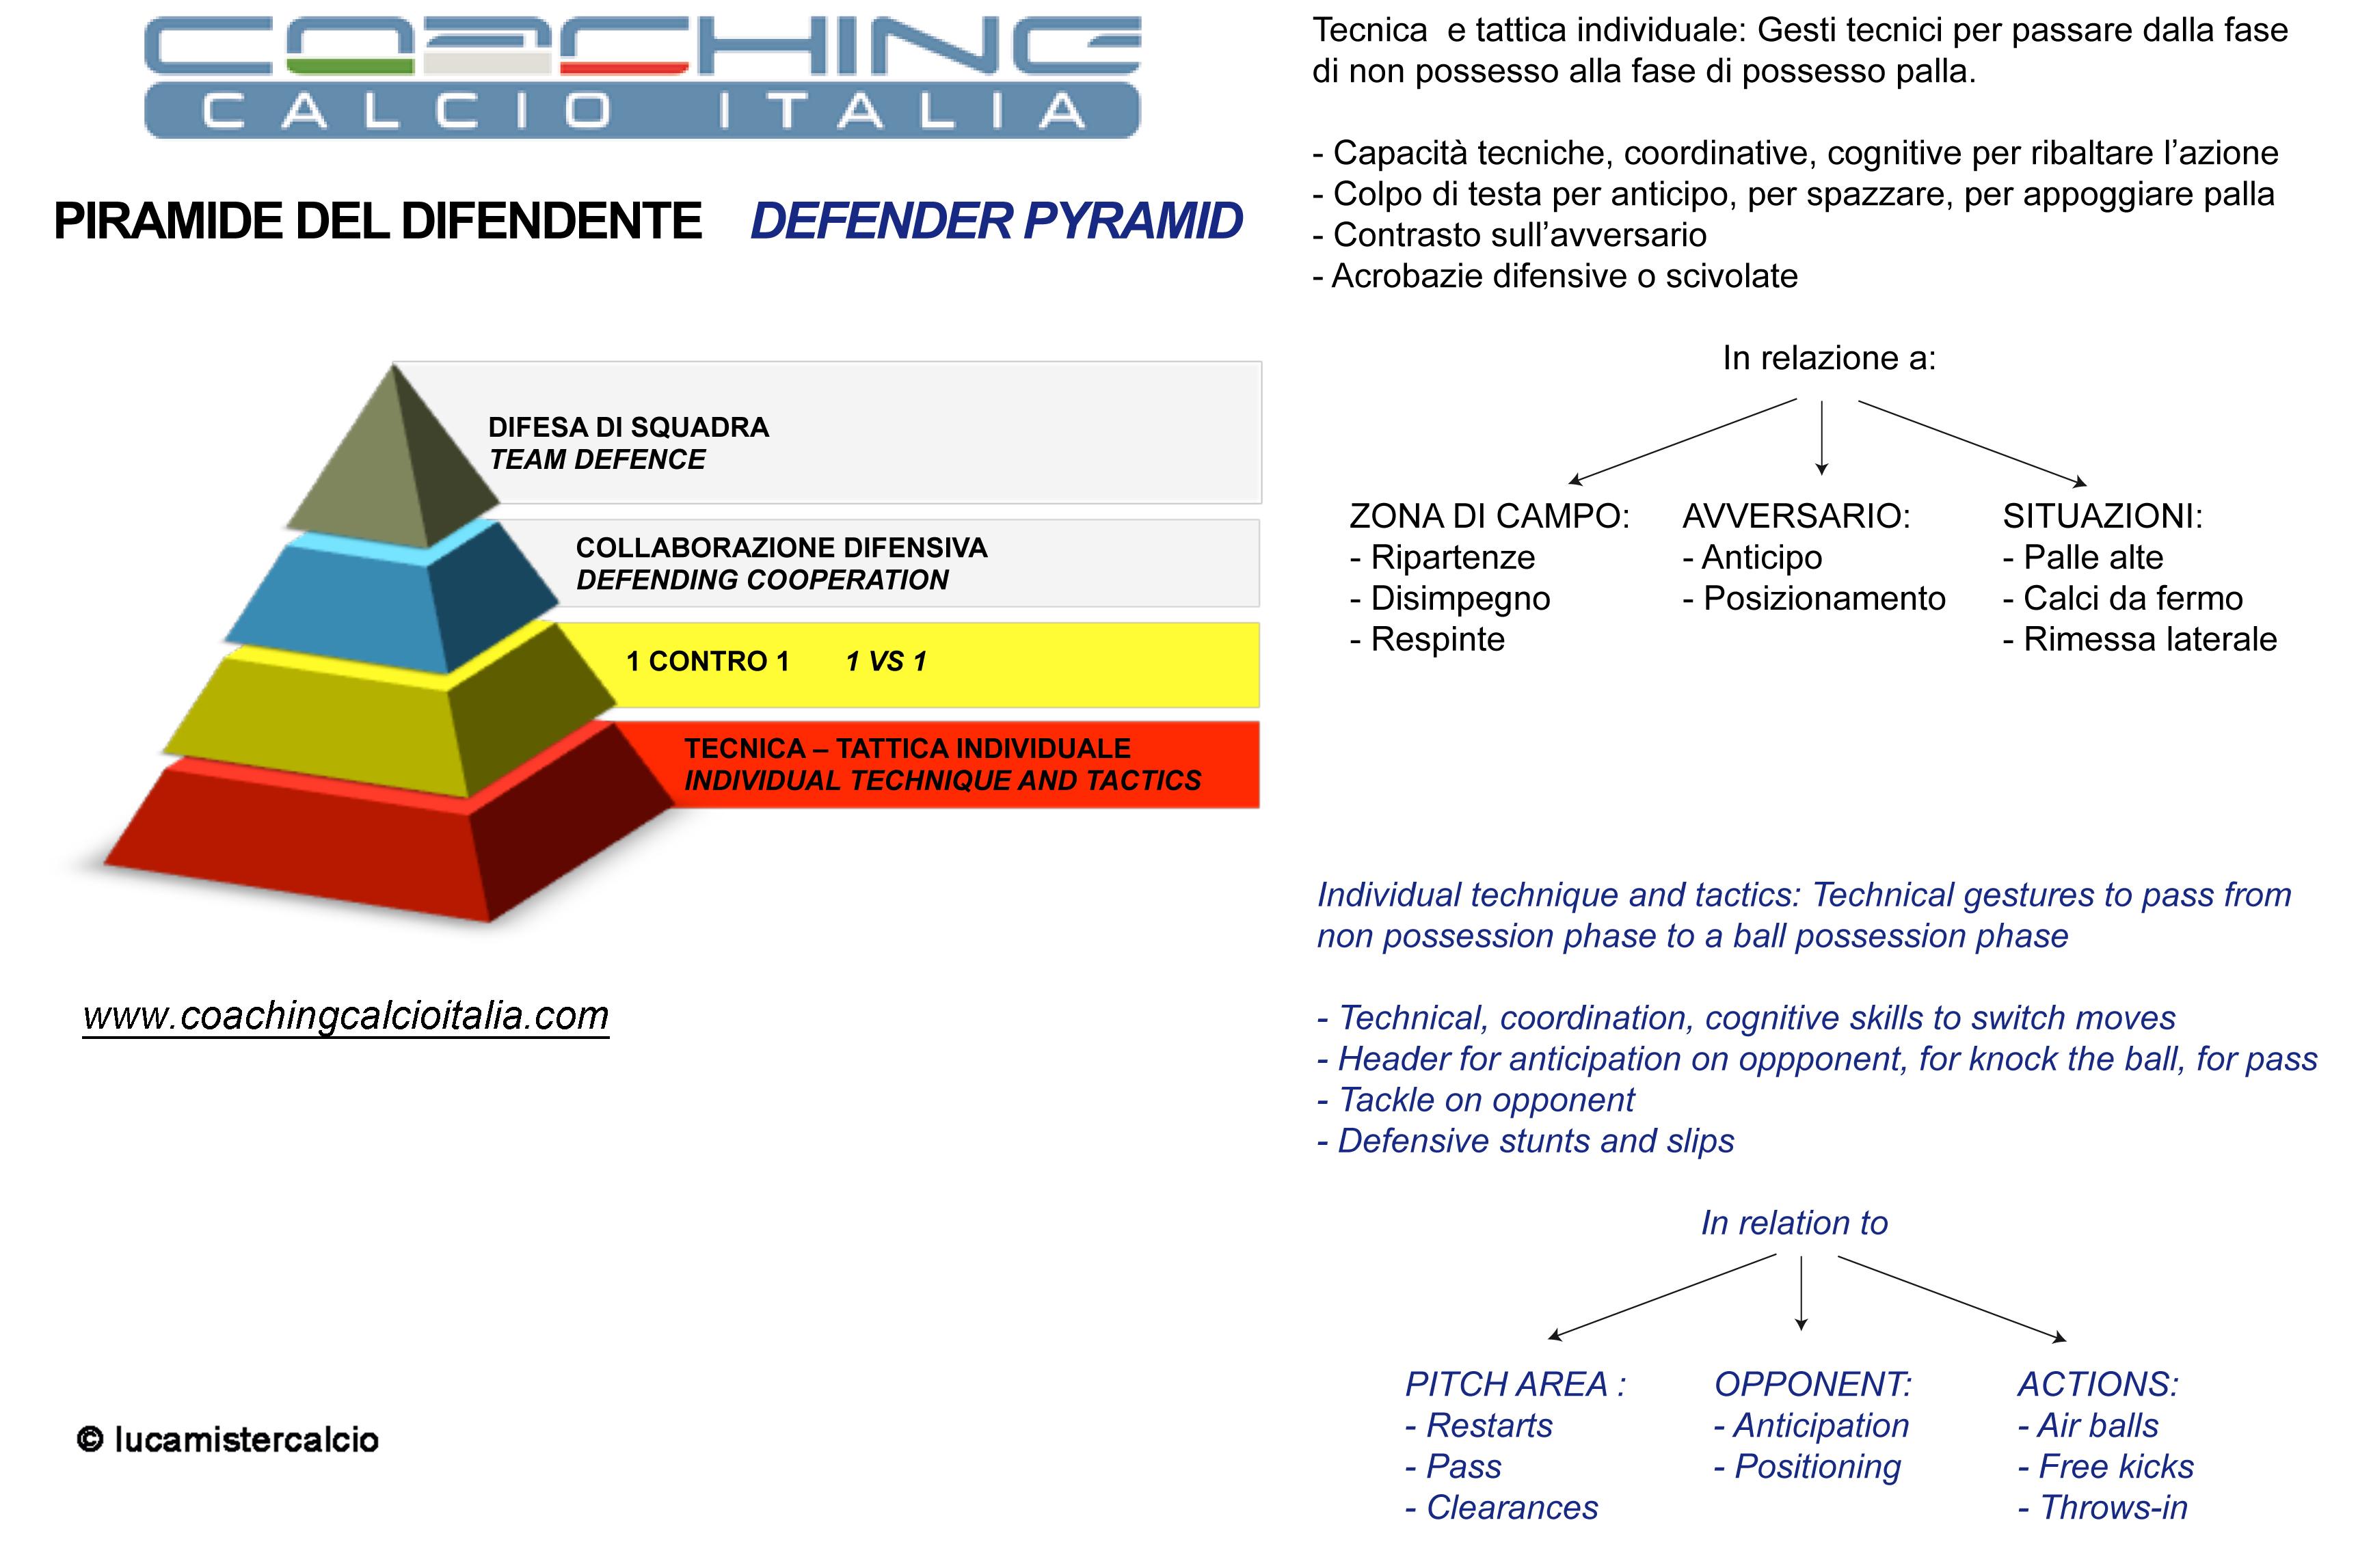 Piramide Coaching calcio italia